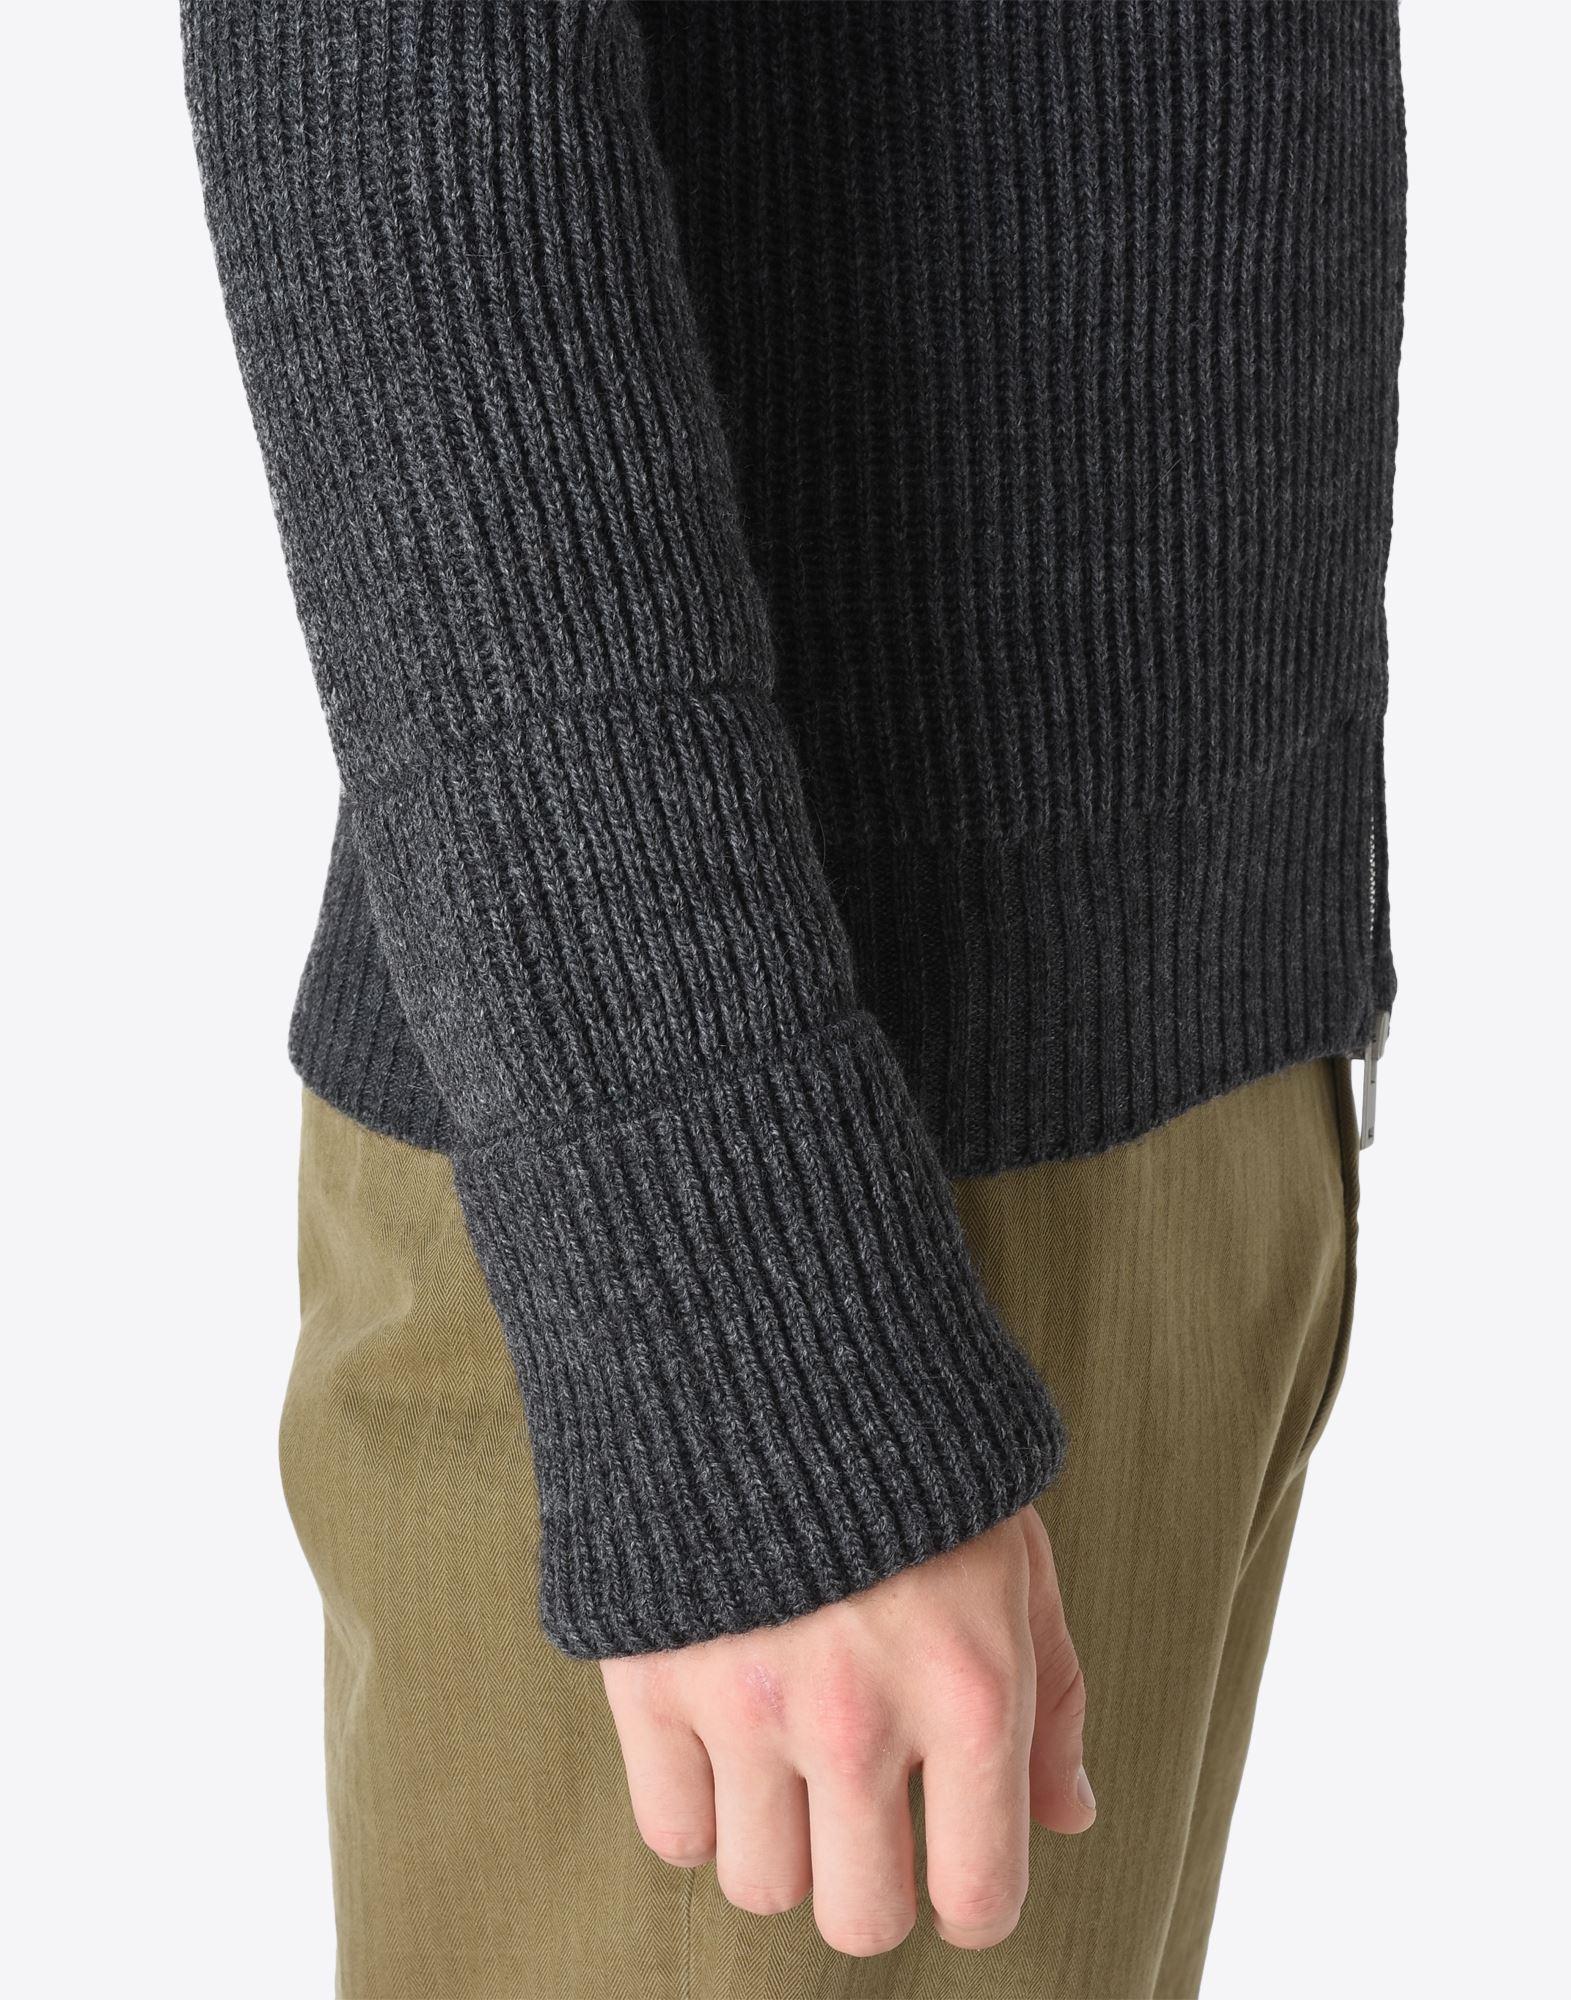 MAISON MARGIELA 14 Sweater mit Reißverschluss Pullover mit Rollkragen Herren b